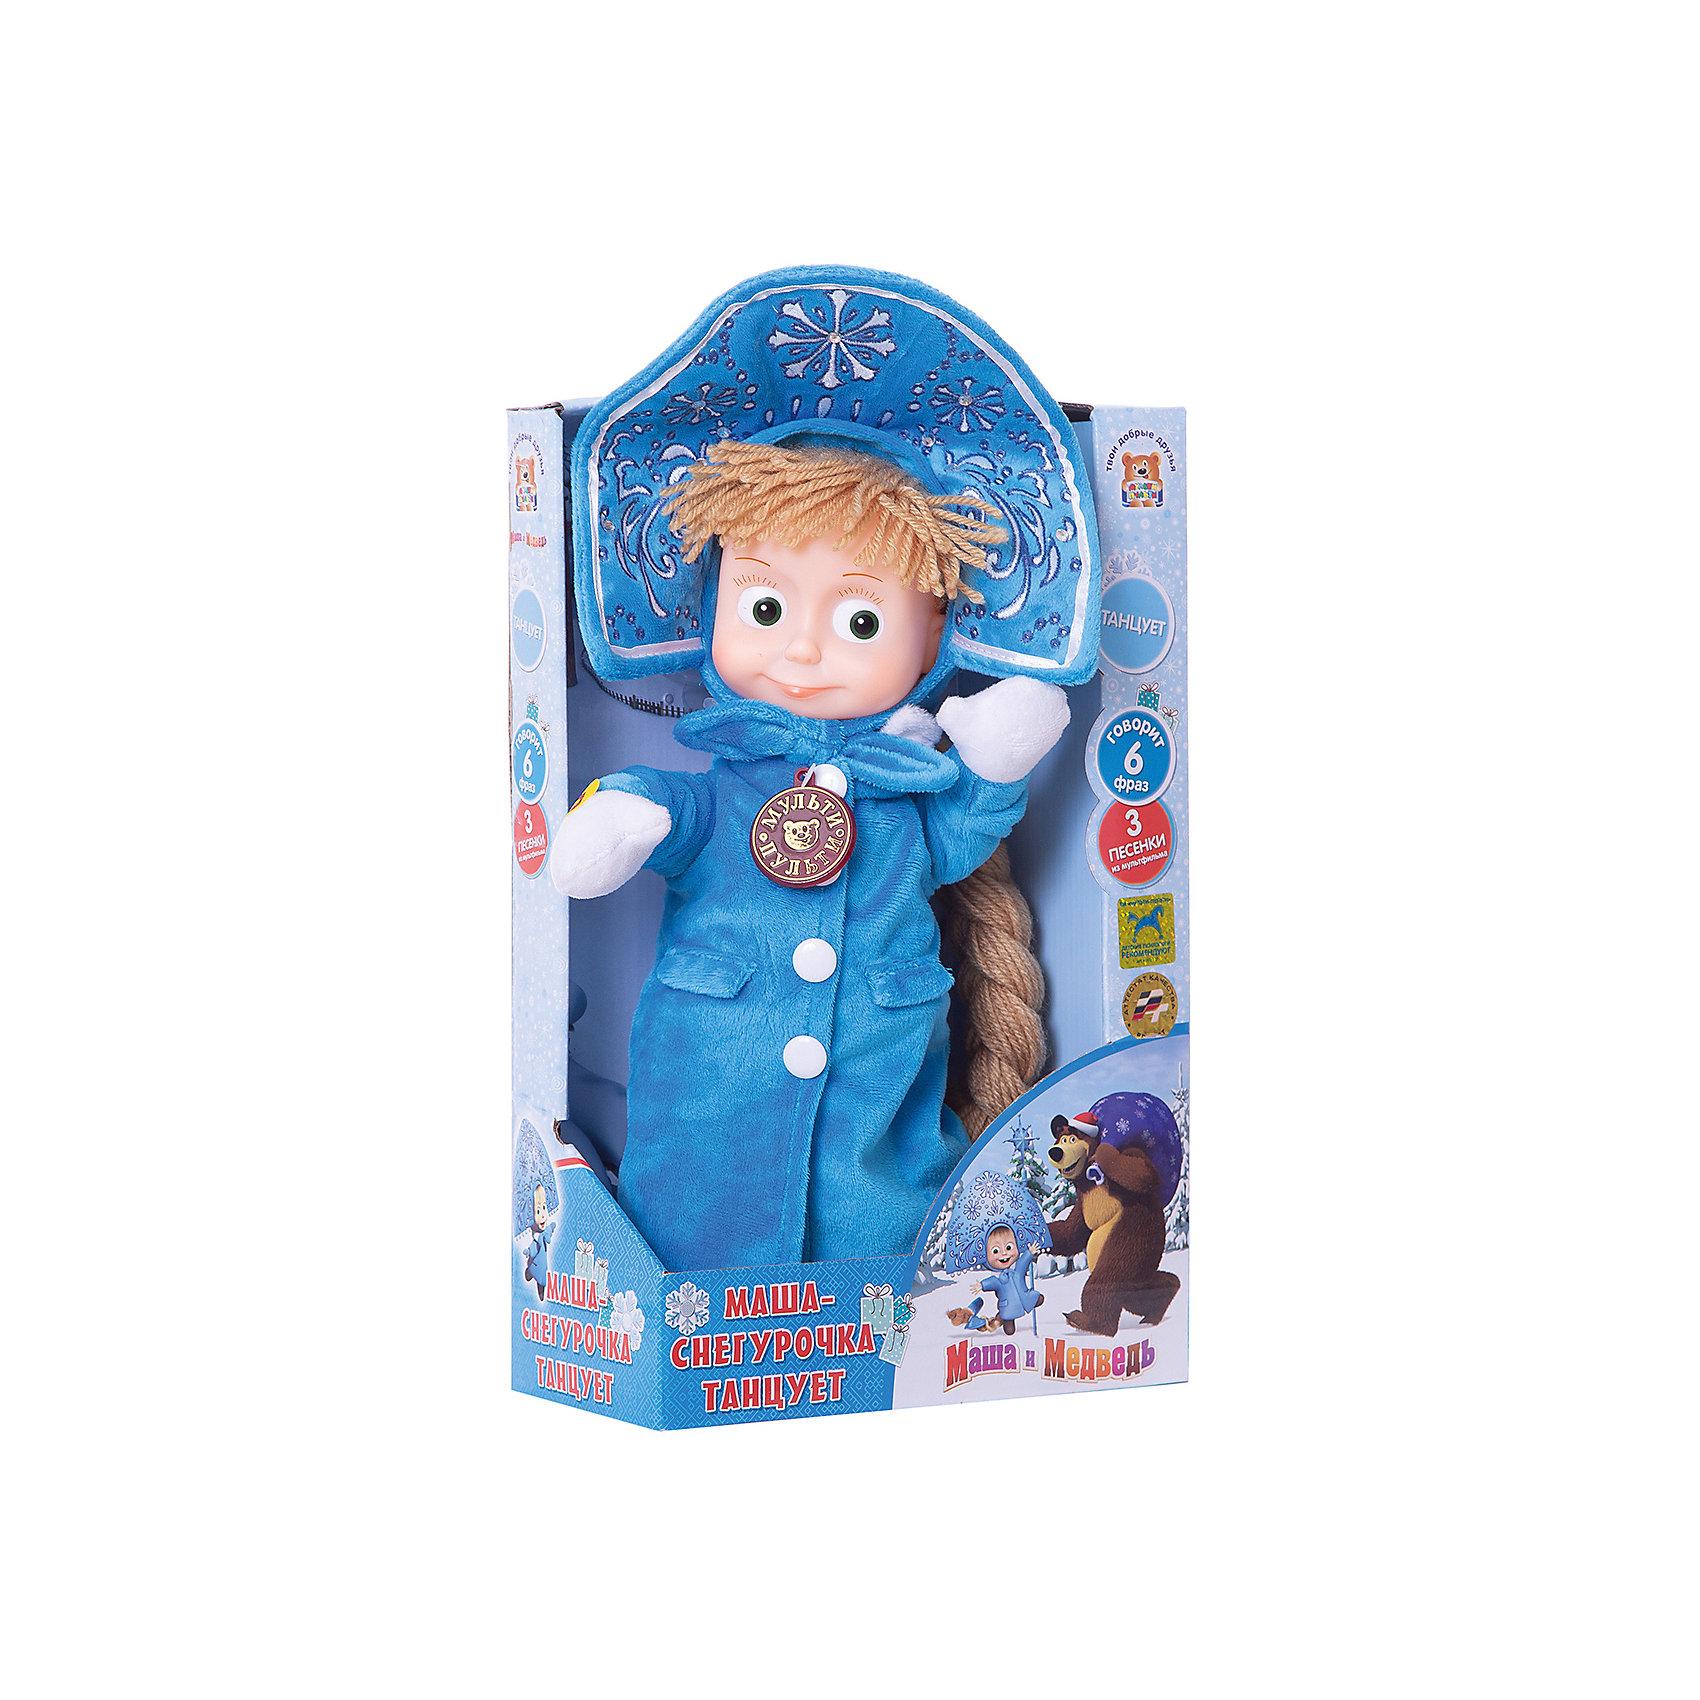 Мягкая игрушка Маша-снегурочка, Маша и Медведь, МУЛЬТИ-ПУЛЬТИЭта очаровательная кукла приведет в восторг любую девочку! Она выполнена в виде героини мультфильма Маша и Медведь, озорной девочки - Маши. Кукла одета в наряд Снегурочки - голубое пальто и голубой кокошник. Маша-Снегурочка произносит забавные фразы, поет песенки из мультсериала и даже танцует. <br><br>Дополнительная информация: <br><br>- Материал: пластик, текстиль.<br>- Размер: 29 см.<br>- Поет песню, говорит фразы из мультфильма.<br>- Танцует. <br>- Элемент питания: 3 батарейки типа LR44 (в комплекте). <br><br>Мягкую игрушку Маша-Снегурочка, Маша и Медведь, МУЛЬТИ-ПУЛЬТИ, можно купить в нашем магазине.<br><br>Ширина мм: 220<br>Глубина мм: 350<br>Высота мм: 110<br>Вес г: 750<br>Возраст от месяцев: 36<br>Возраст до месяцев: 120<br>Пол: Женский<br>Возраст: Детский<br>SKU: 4357023